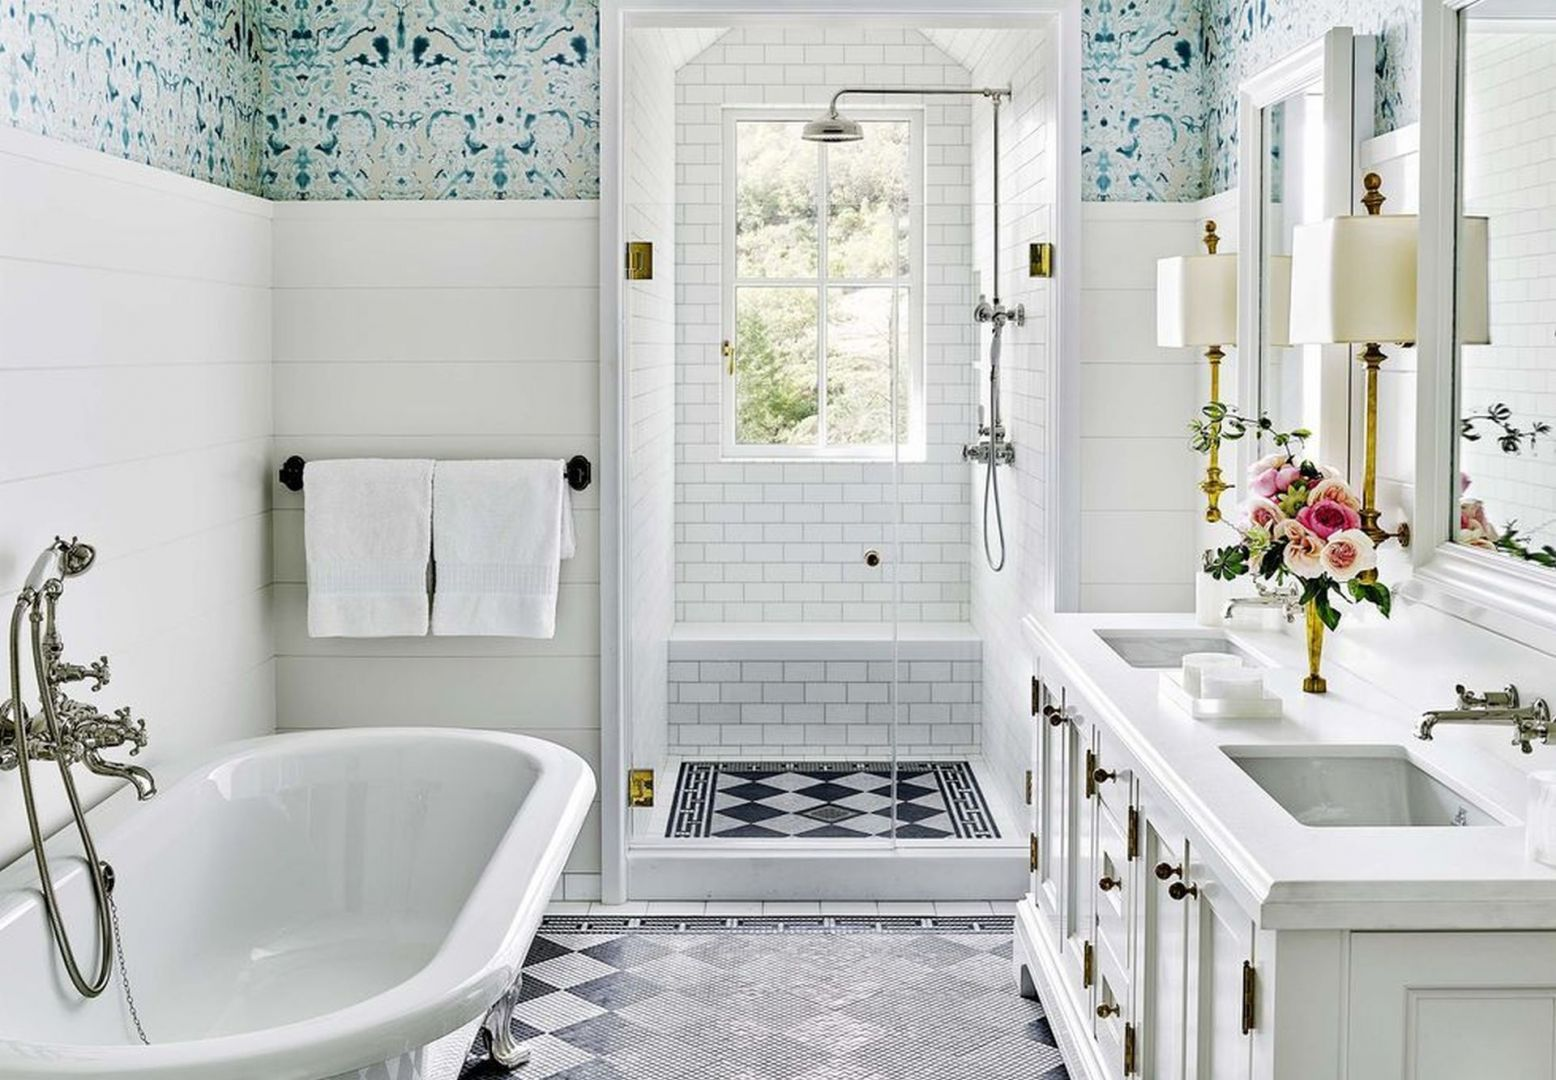 Wąska łazienka jest optyczni powiększona dzięki  wzorowi płytek który został celowo rozciągnięty na strefę prysznica, a zastosowanie prostych i wąskich meblami, dają uczucie że łazienka jest większa niż w rzeczywistości. Fot. Douglas Friedman